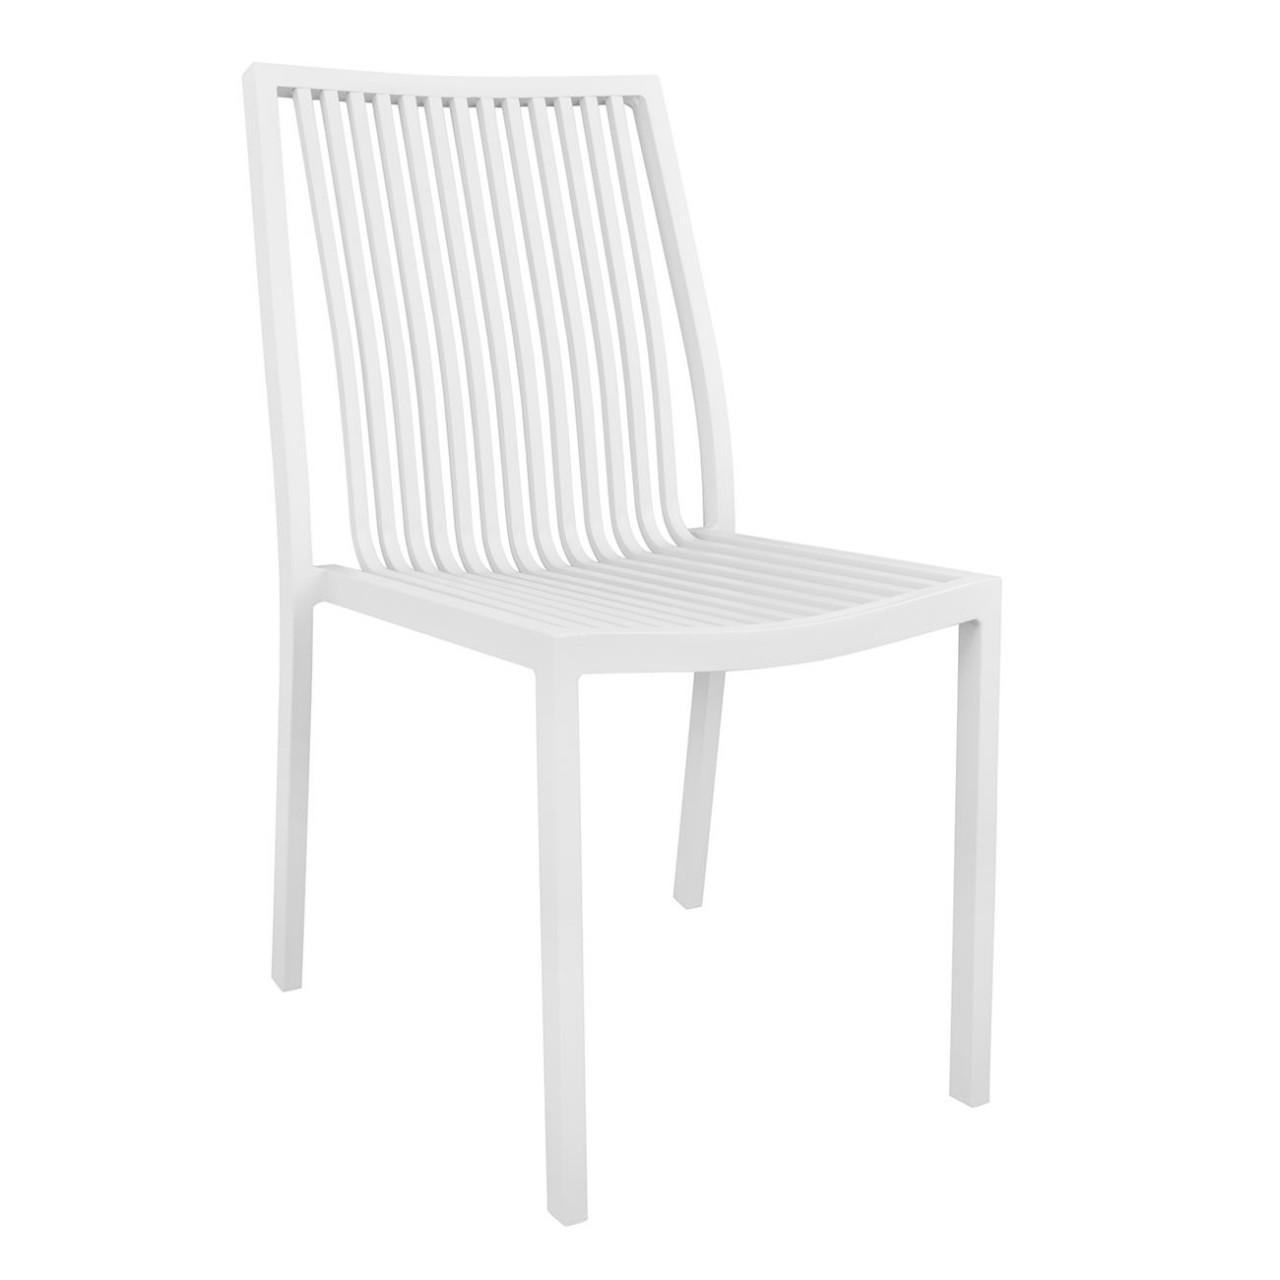 Καρέκλα αλουμινίου Berth Λευκό Έπιπλα Εξωτερικού Χώρου